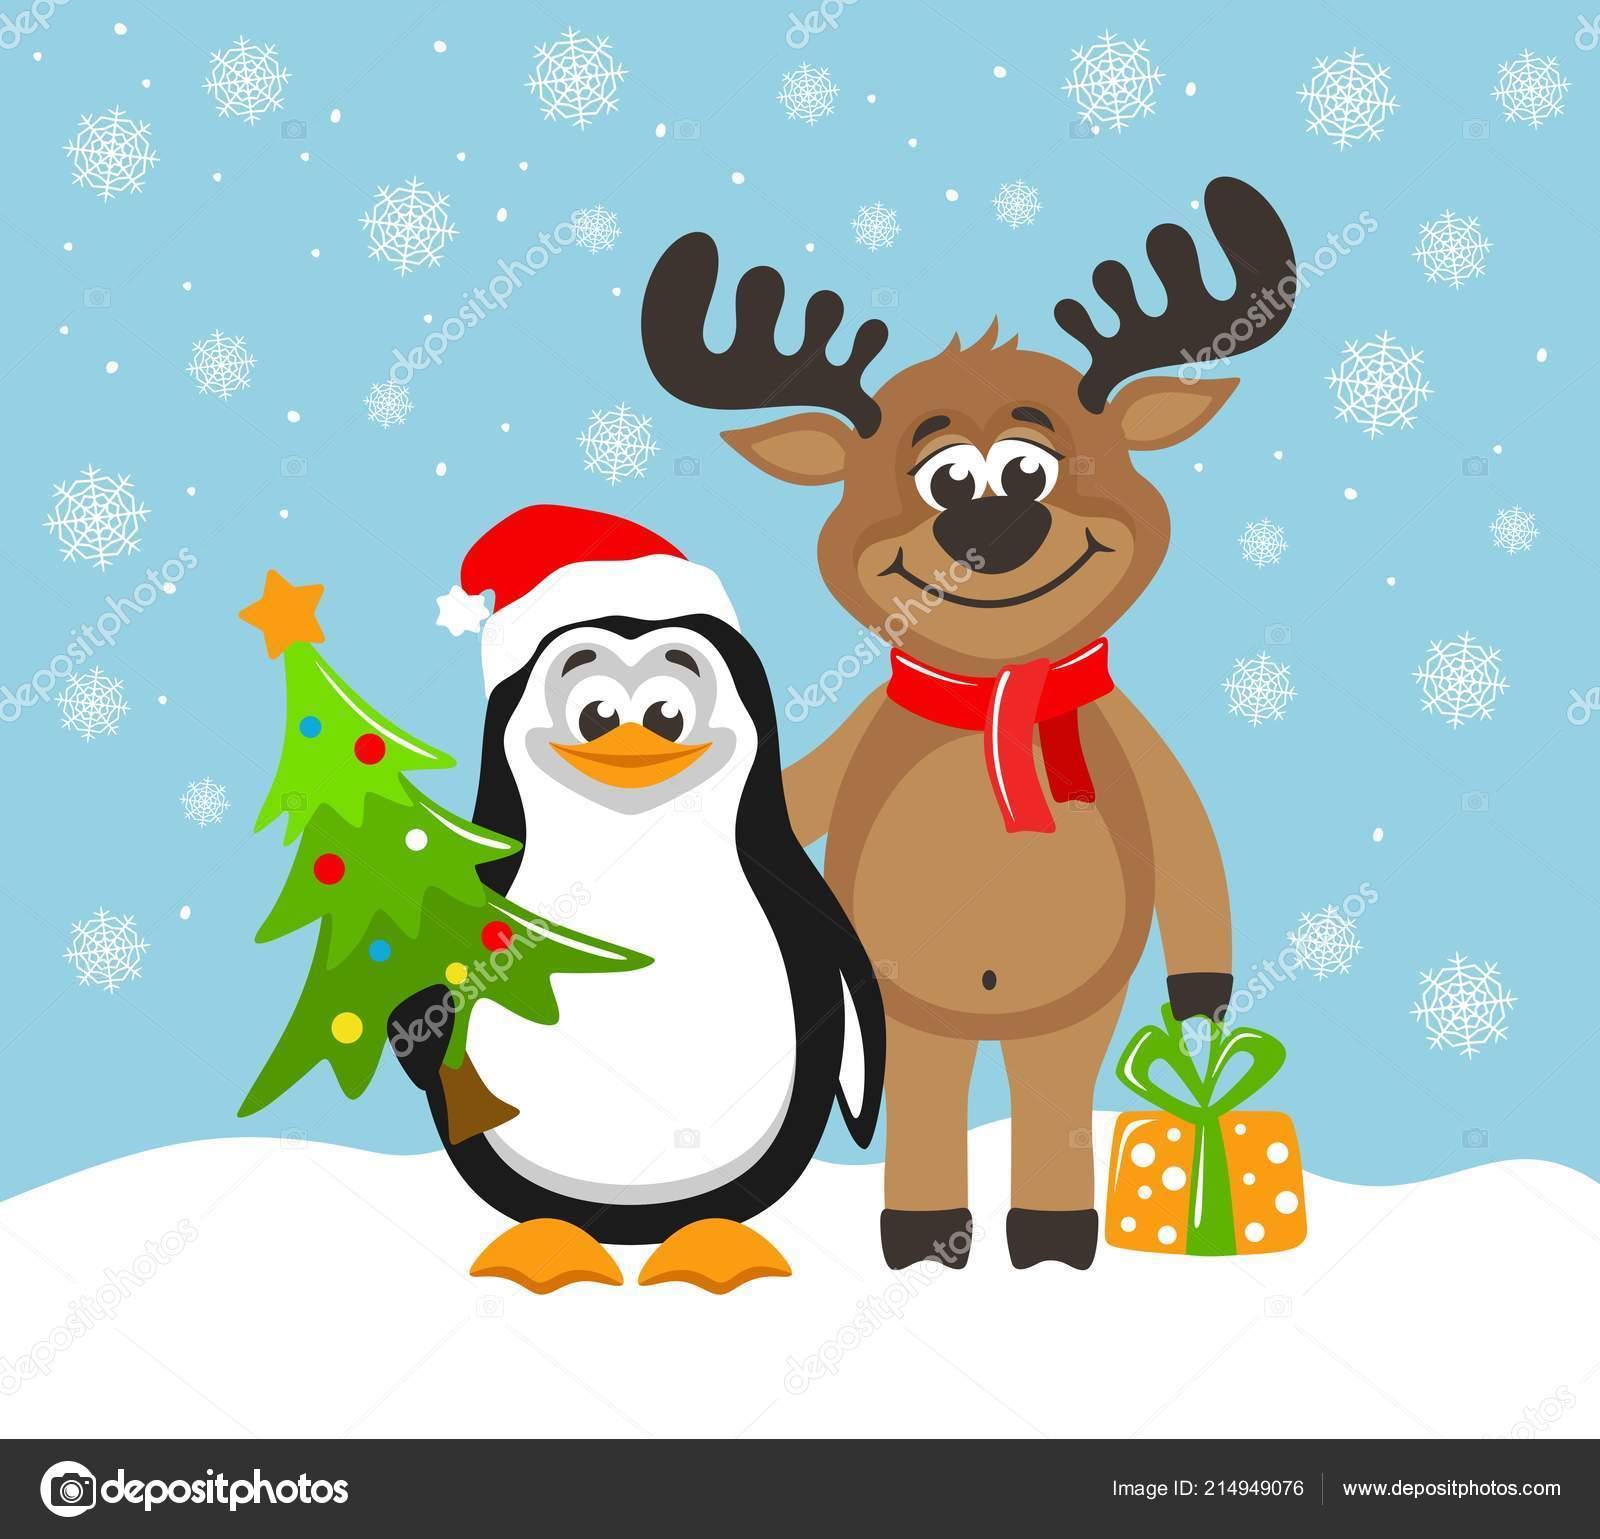 Pinguino sveglio cappello babbo natale renna divertente cartolina